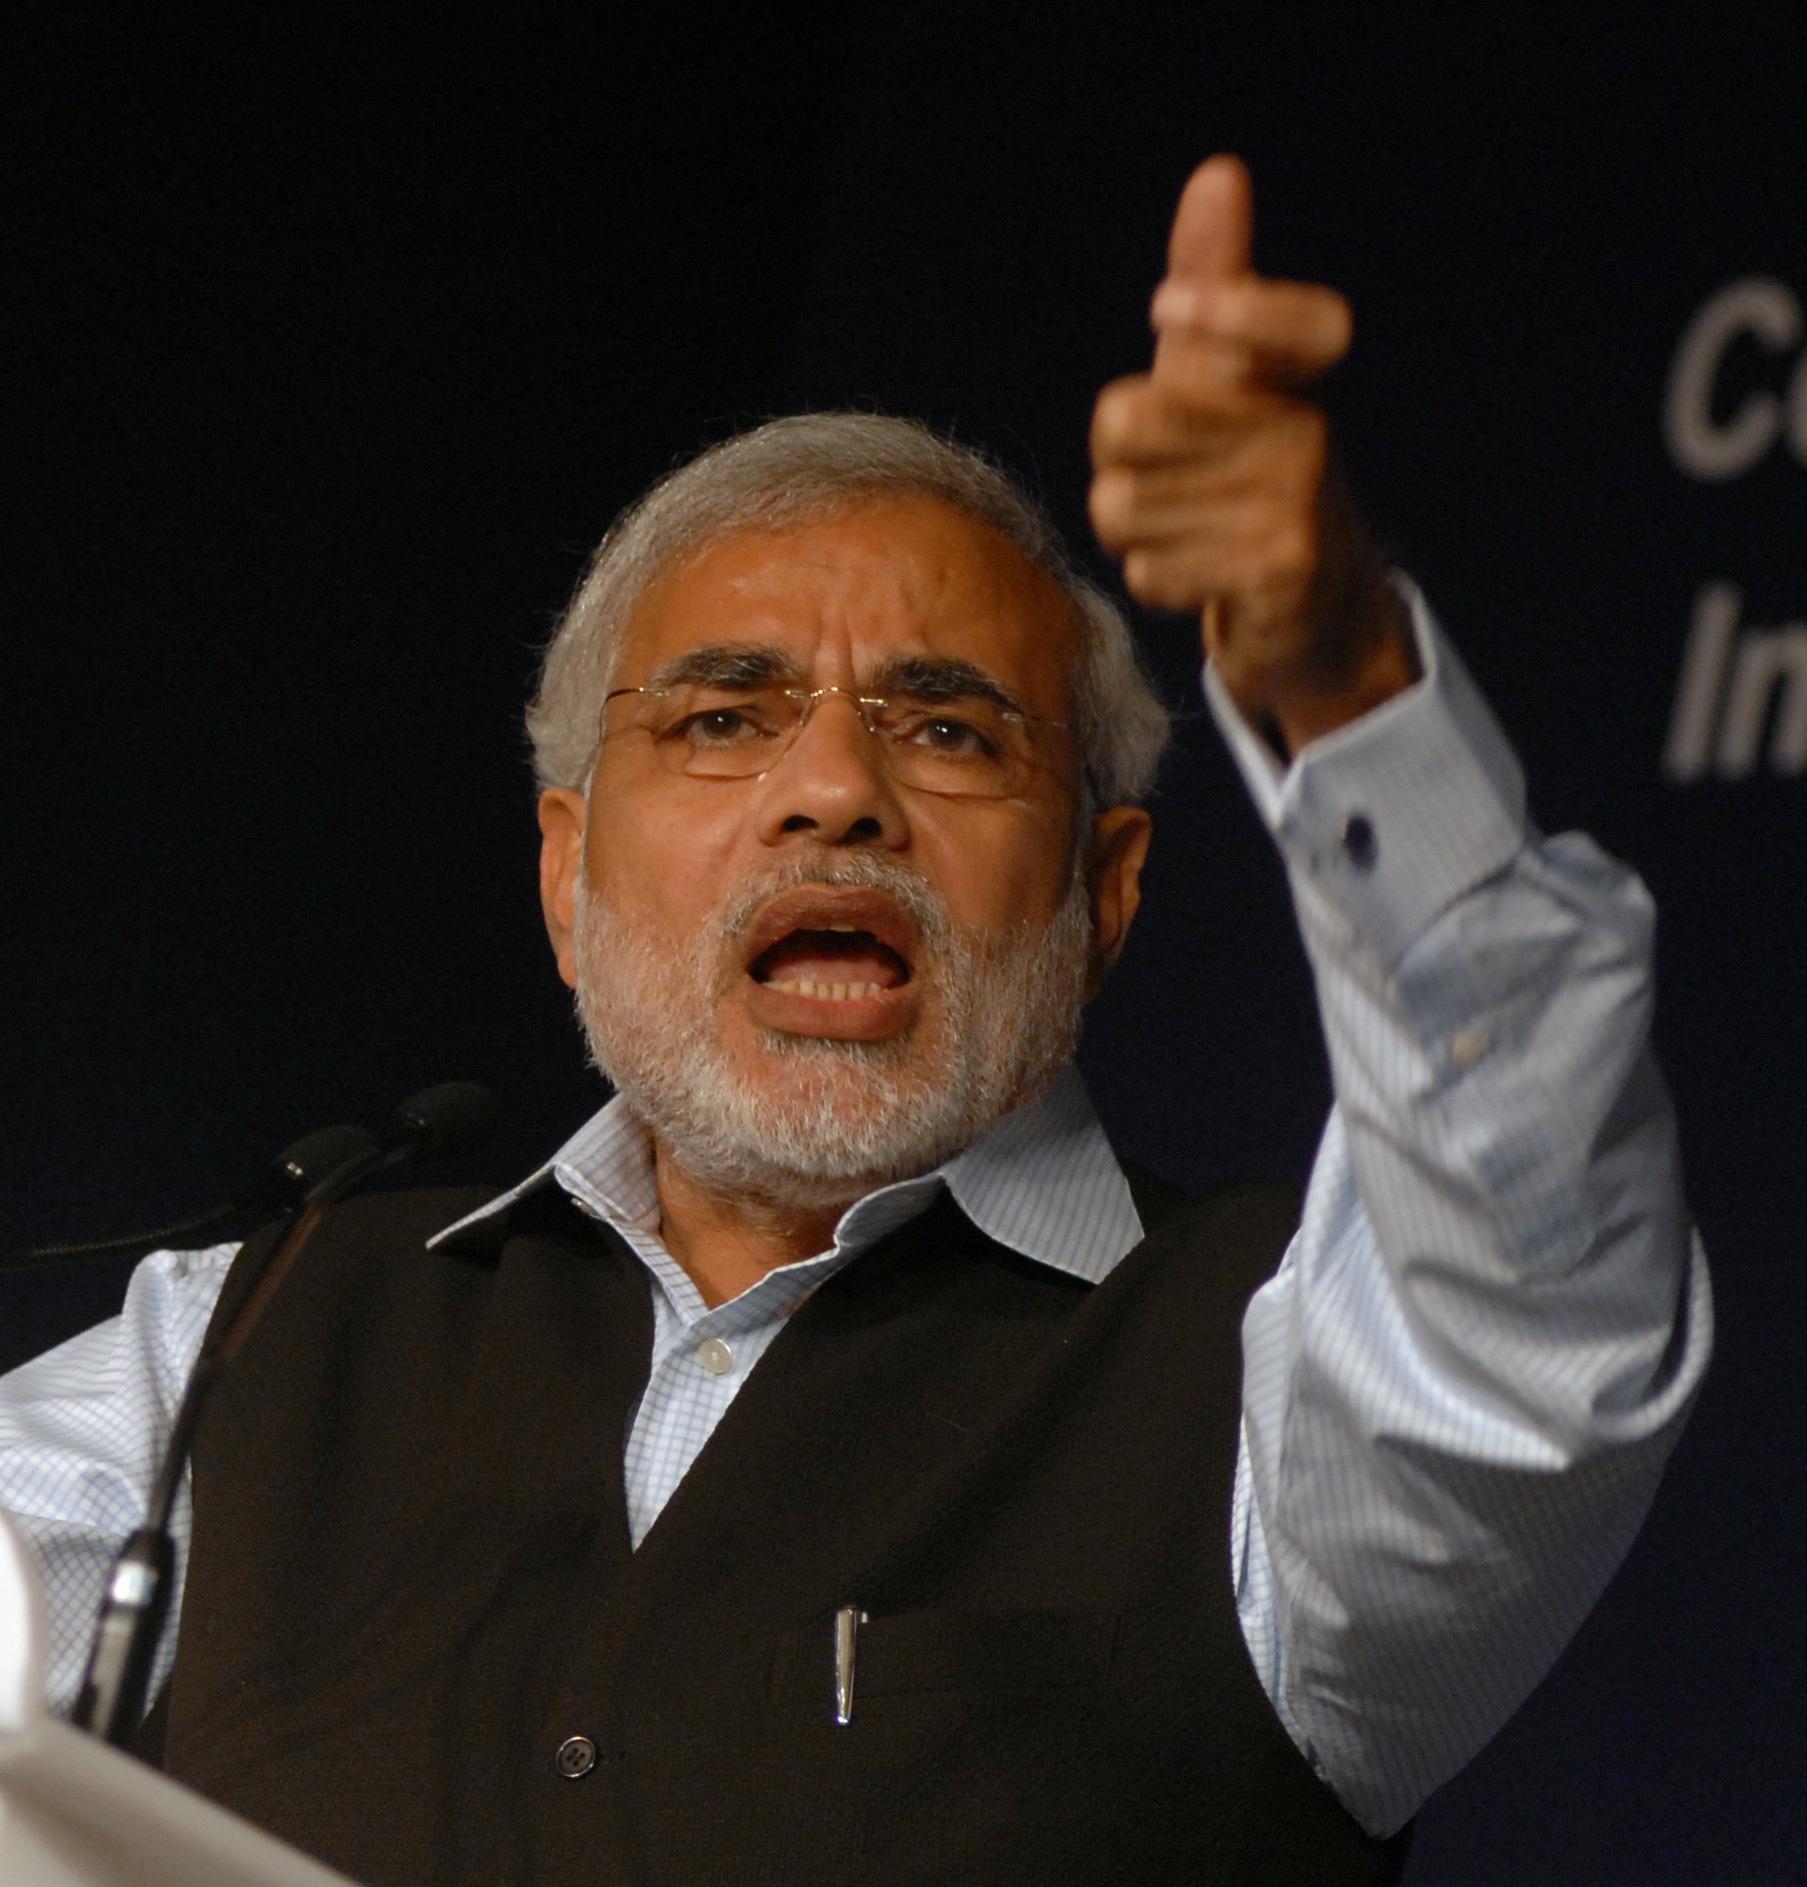 In una non facile cornice regionale, l'economia di Modi vive alti e bassi - Geopolitica.info